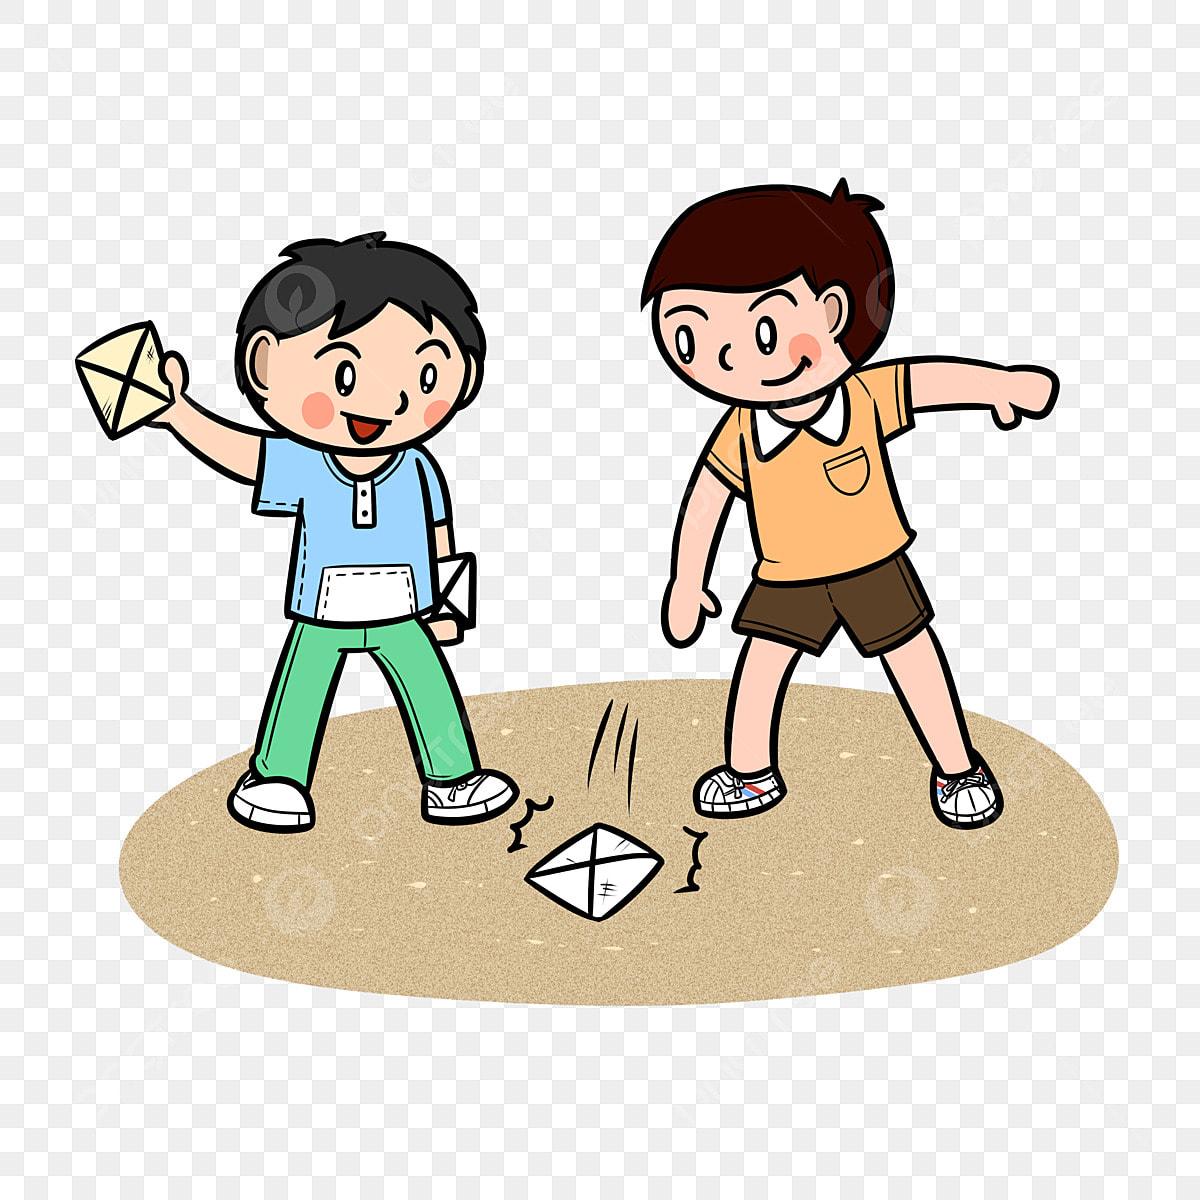 الكرتون يوم الطفل ذكريات الطفولة الأطفال ذكريات الطفولة تلعب كارتون الطفولة Png وملف Psd للتحميل مجانا